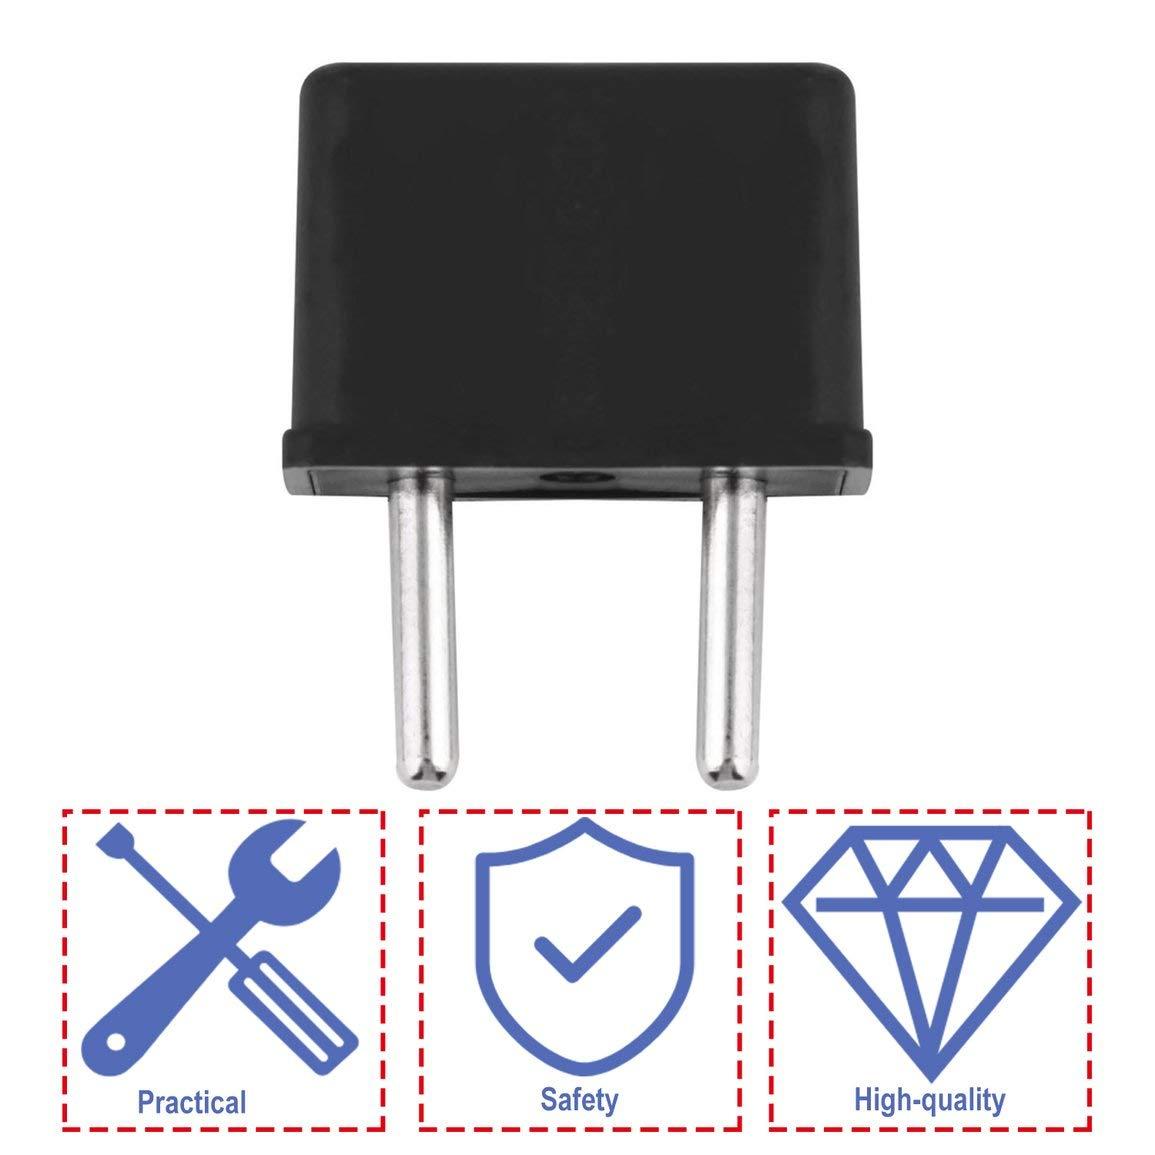 A la UE Enchufe EE Color: Negro A Europa 220 V de Viaje Pared Blanca Cargador de Corriente alterna Adaptador de Salida Convertidor 2 Pin de Enchufe Redondo Universal EE UU UU